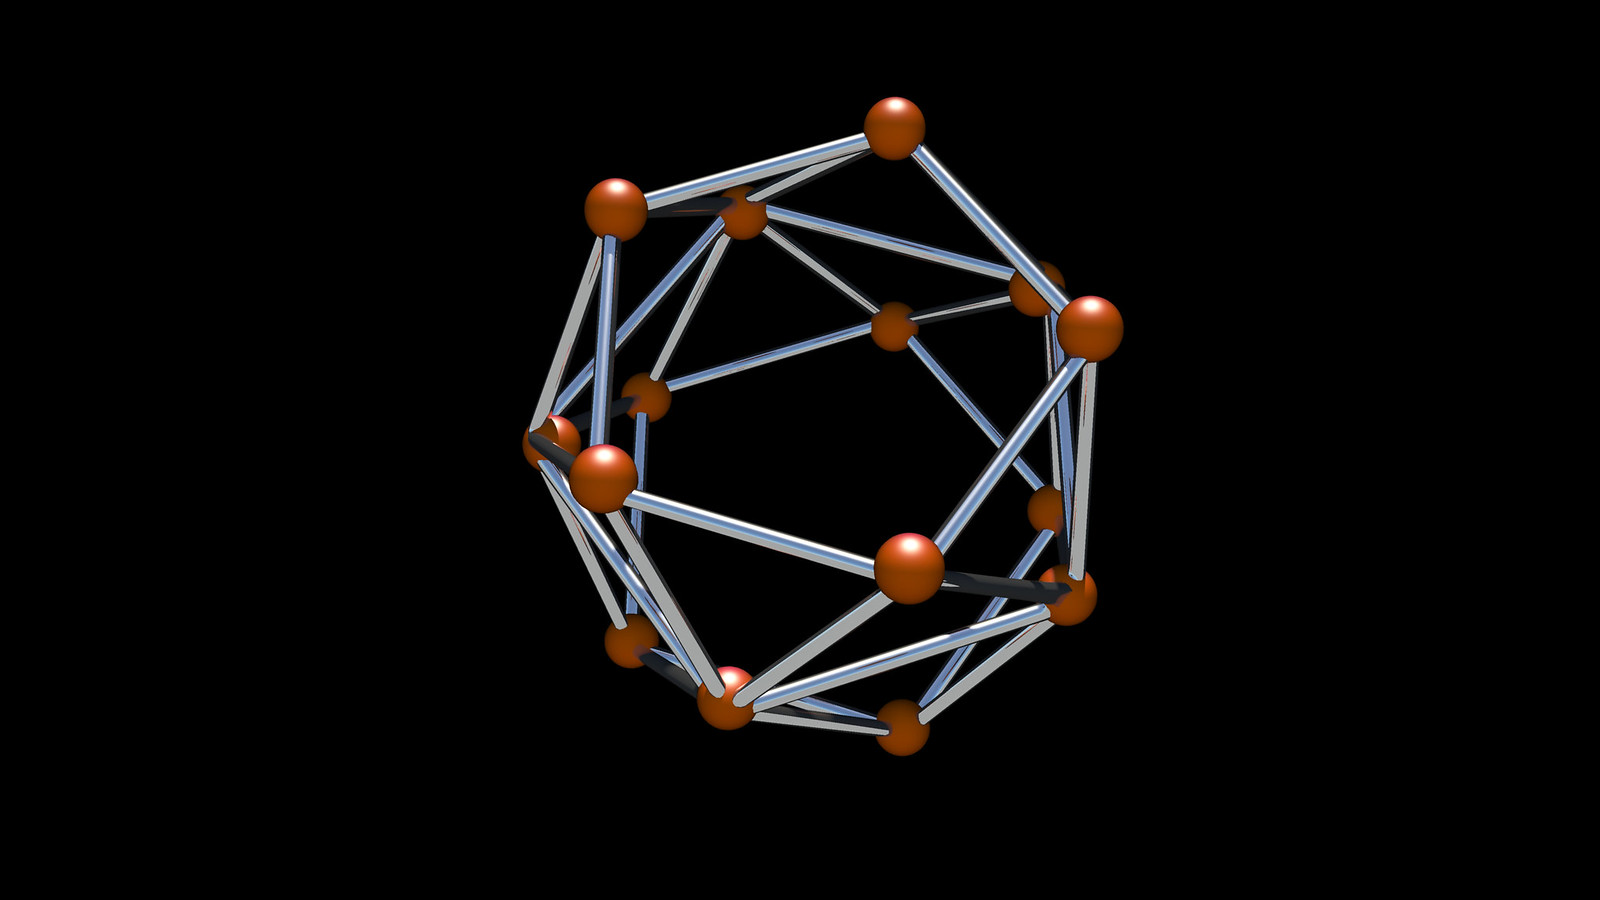 pentagono_drum_96